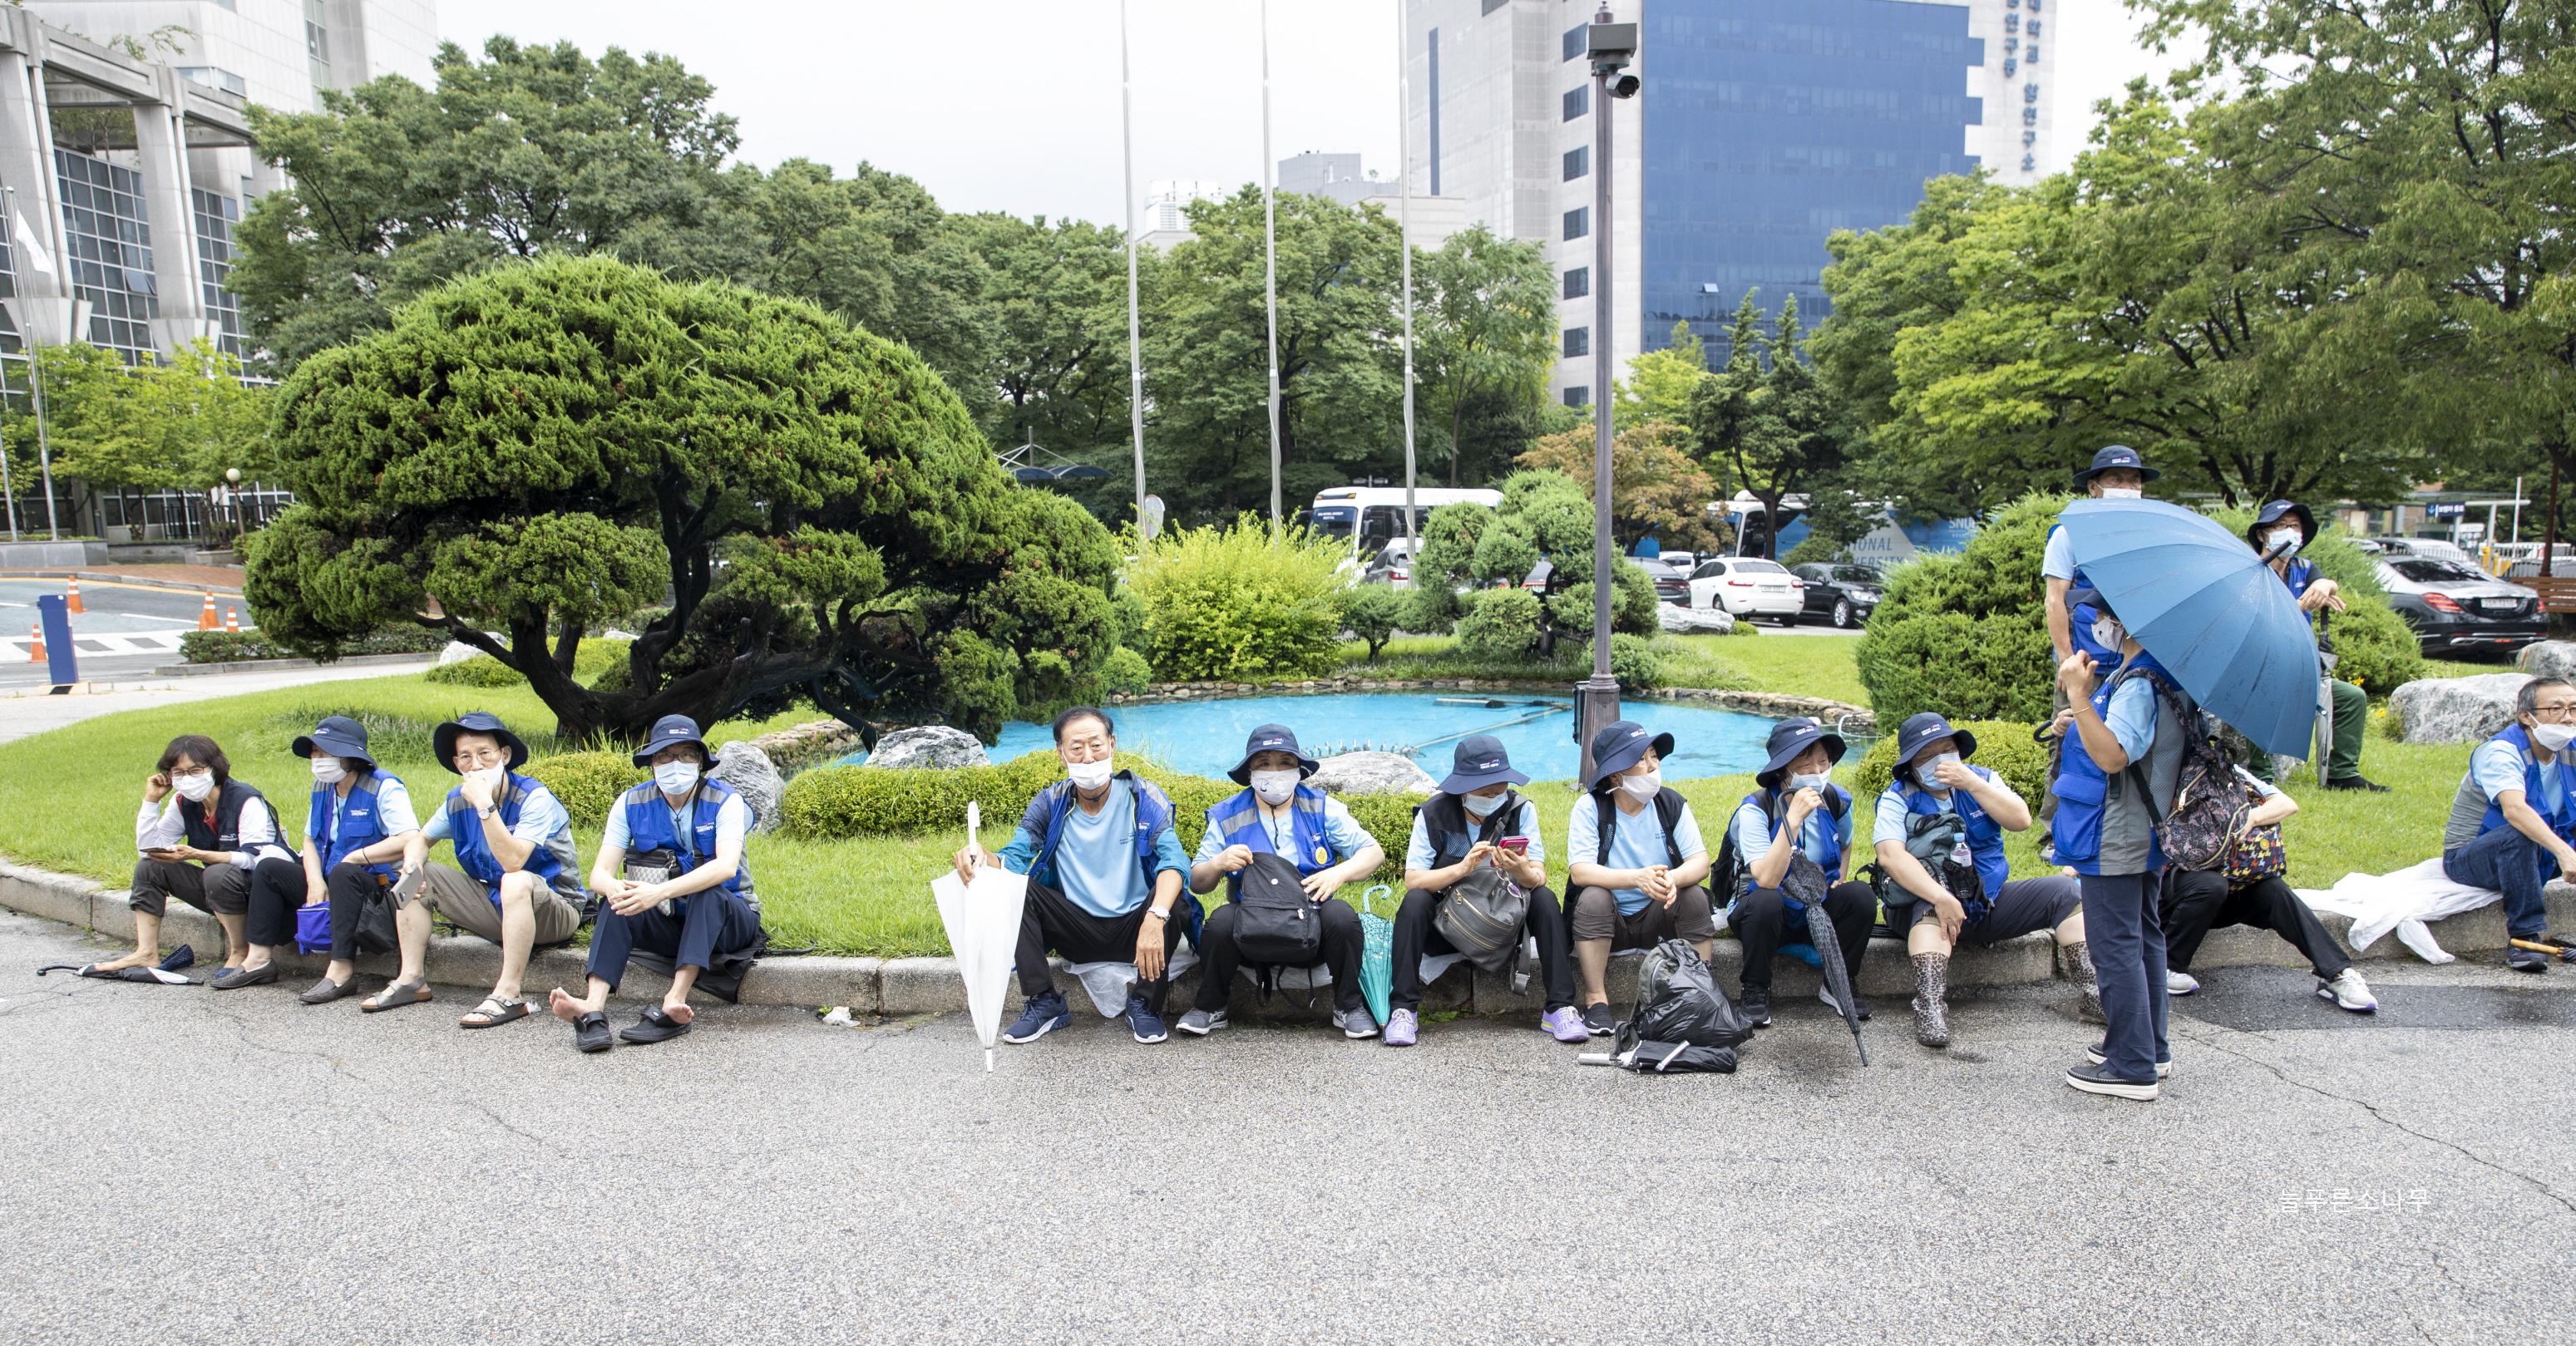 20-07-29늘푸른소나무_3.jpg